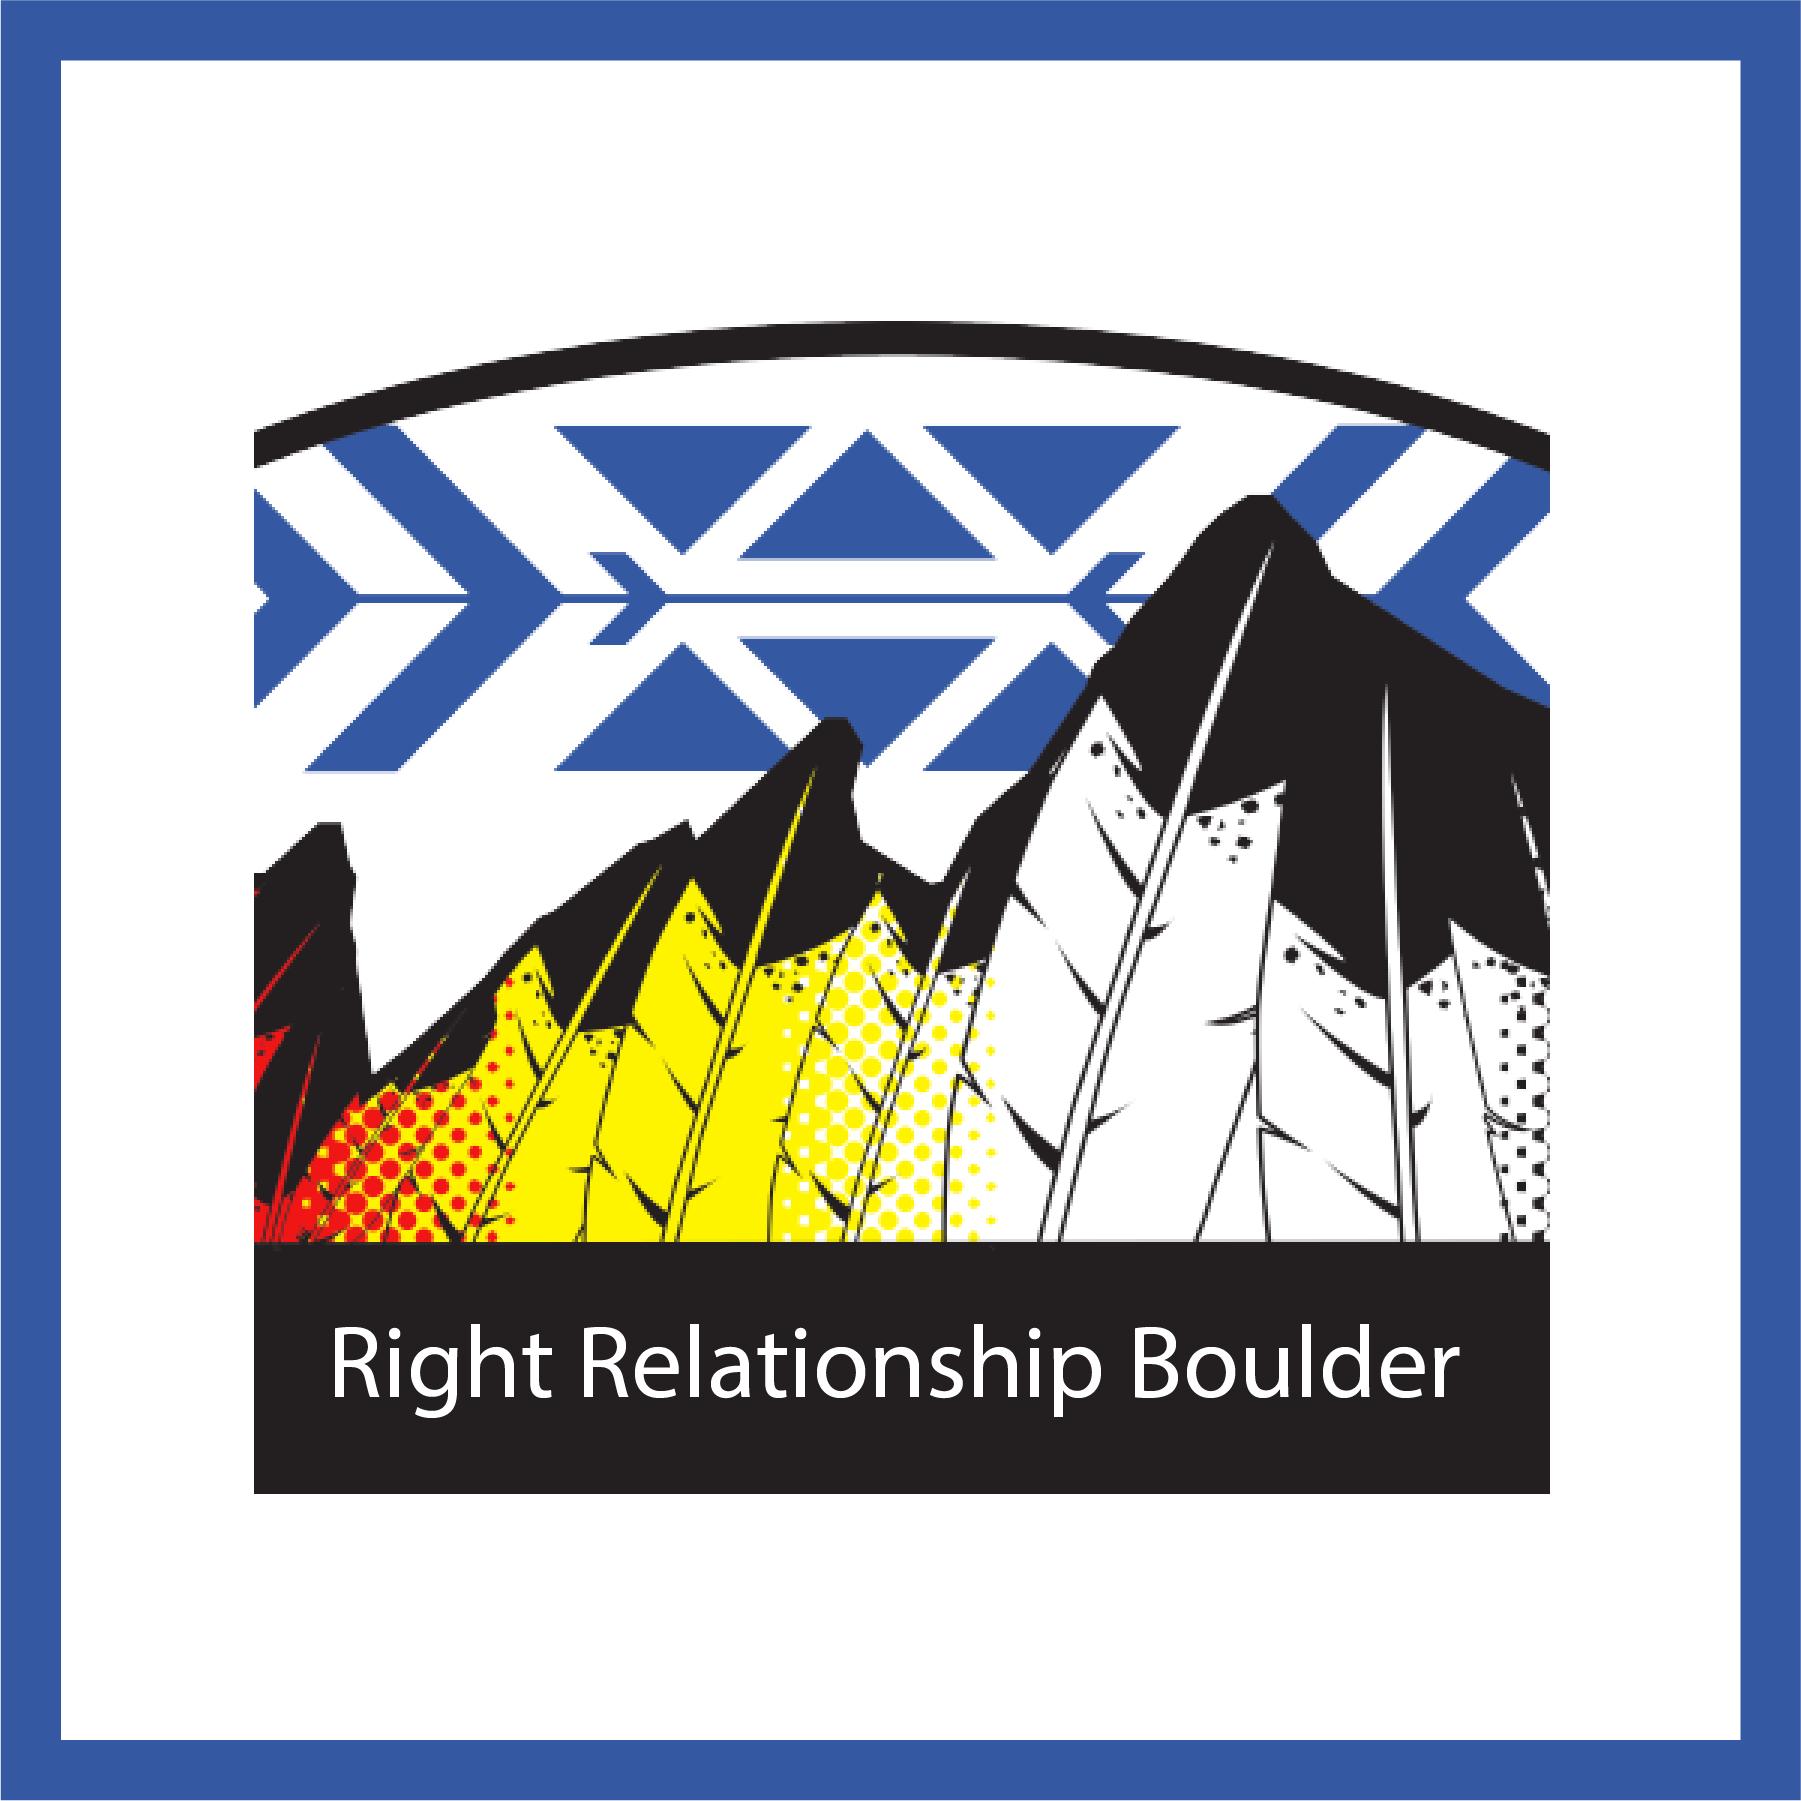 right relationship boulder logo